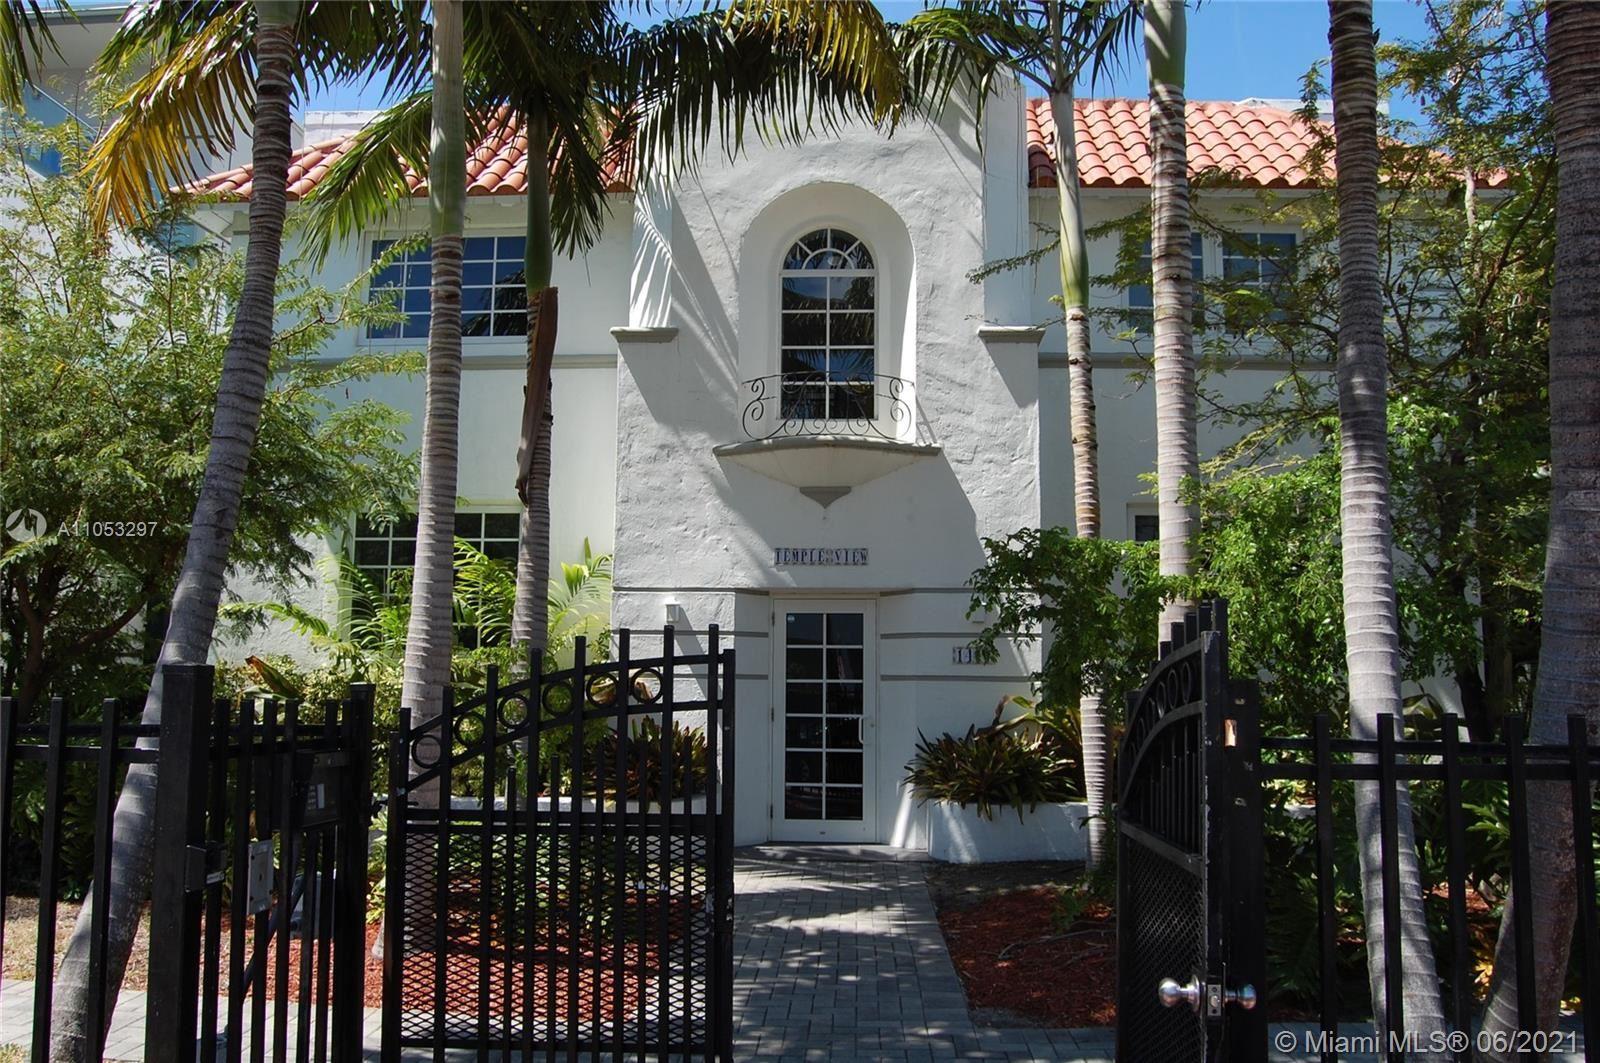 1410 Euclid Ave #1, Miami Beach, FL 33139 - #: A11053297